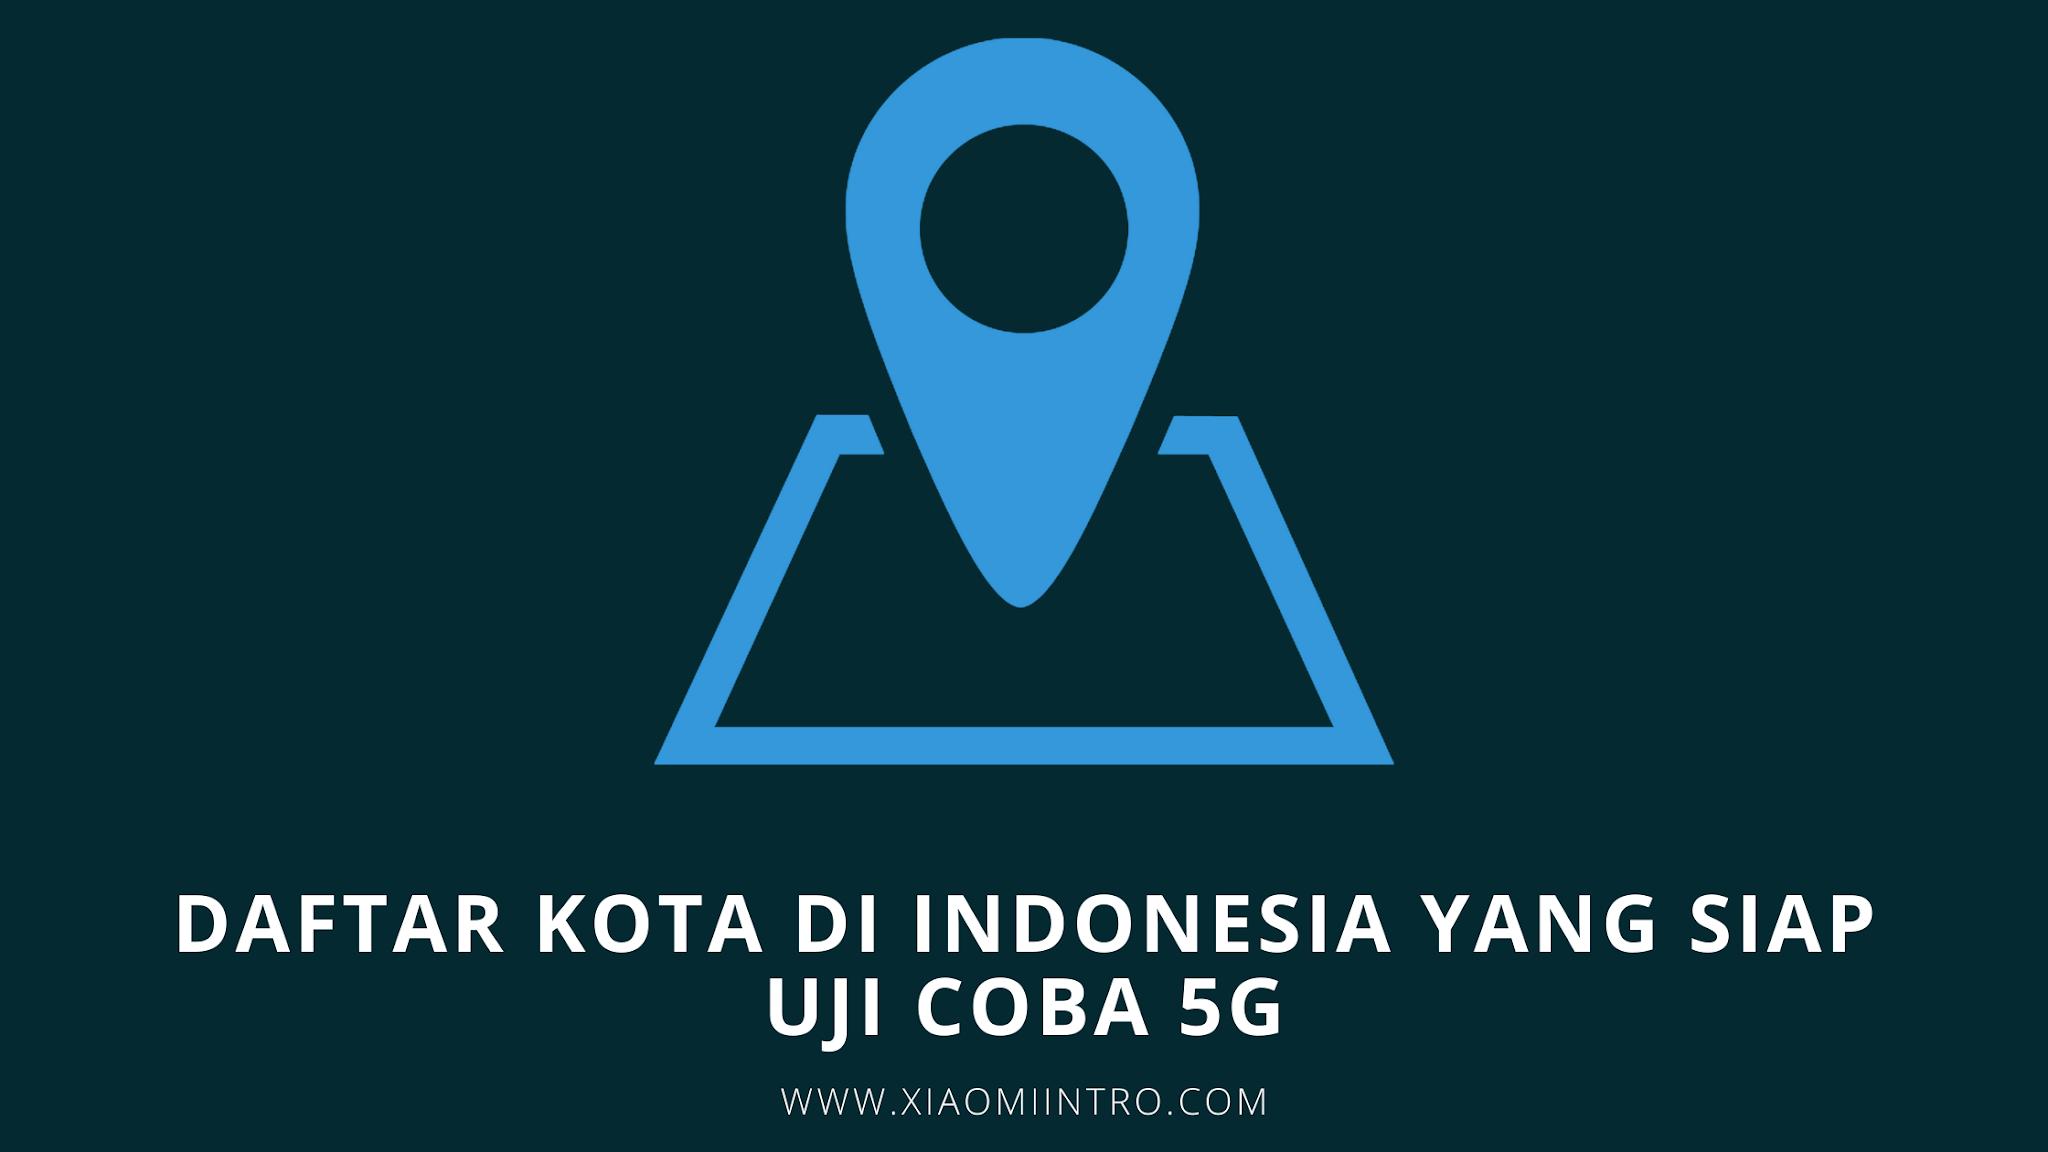 Daftar Kota di Indonesia Yang Siap Uji Coba 5G